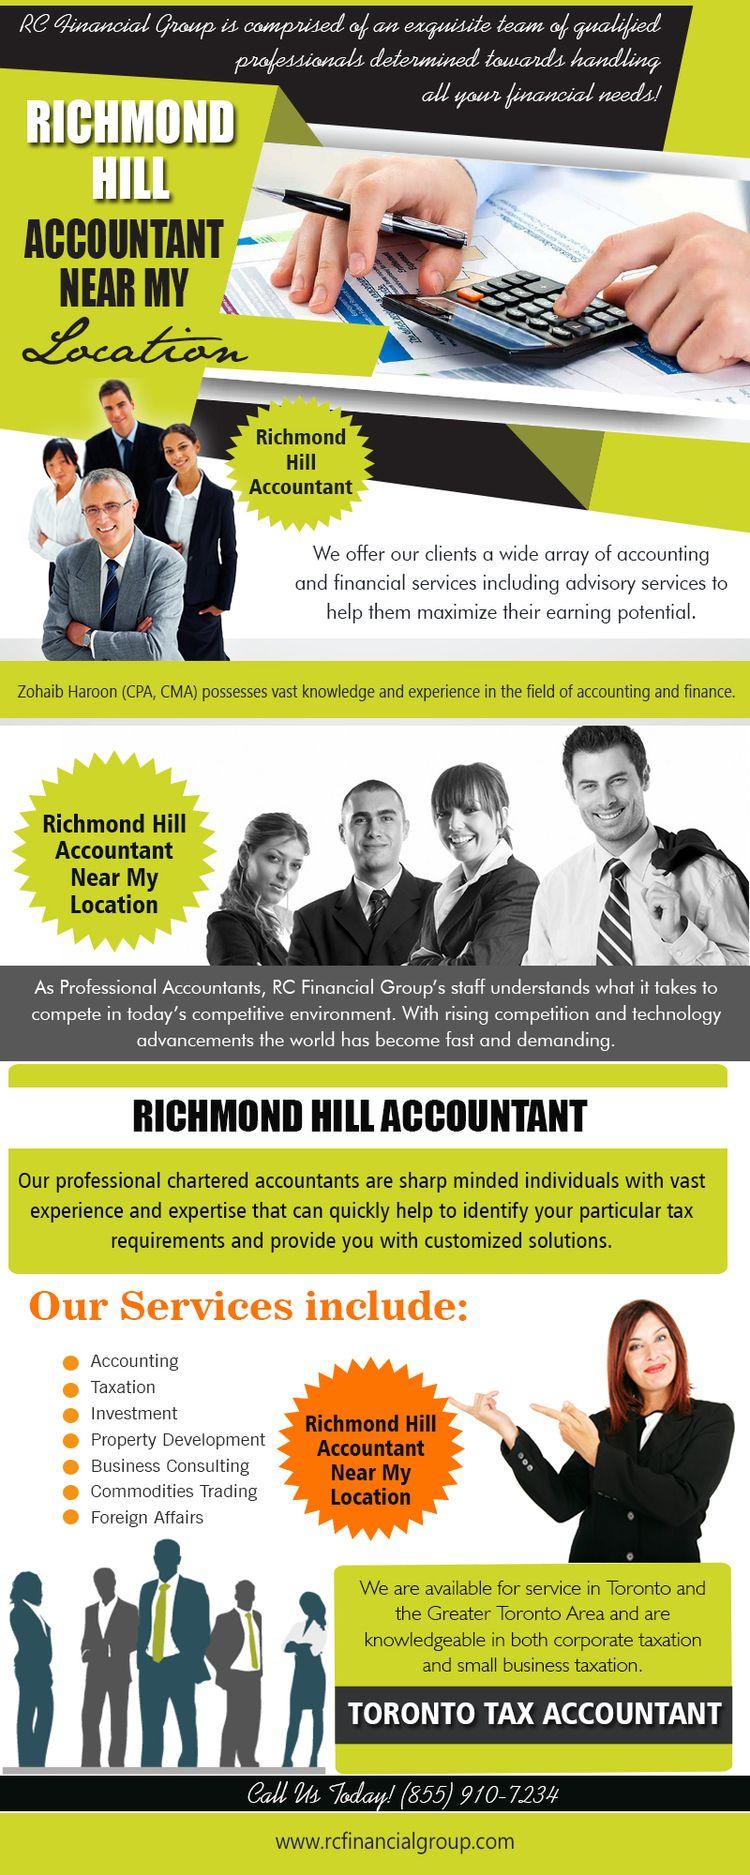 Richmond Hill Accountant locati - etobicokeaccount | ello